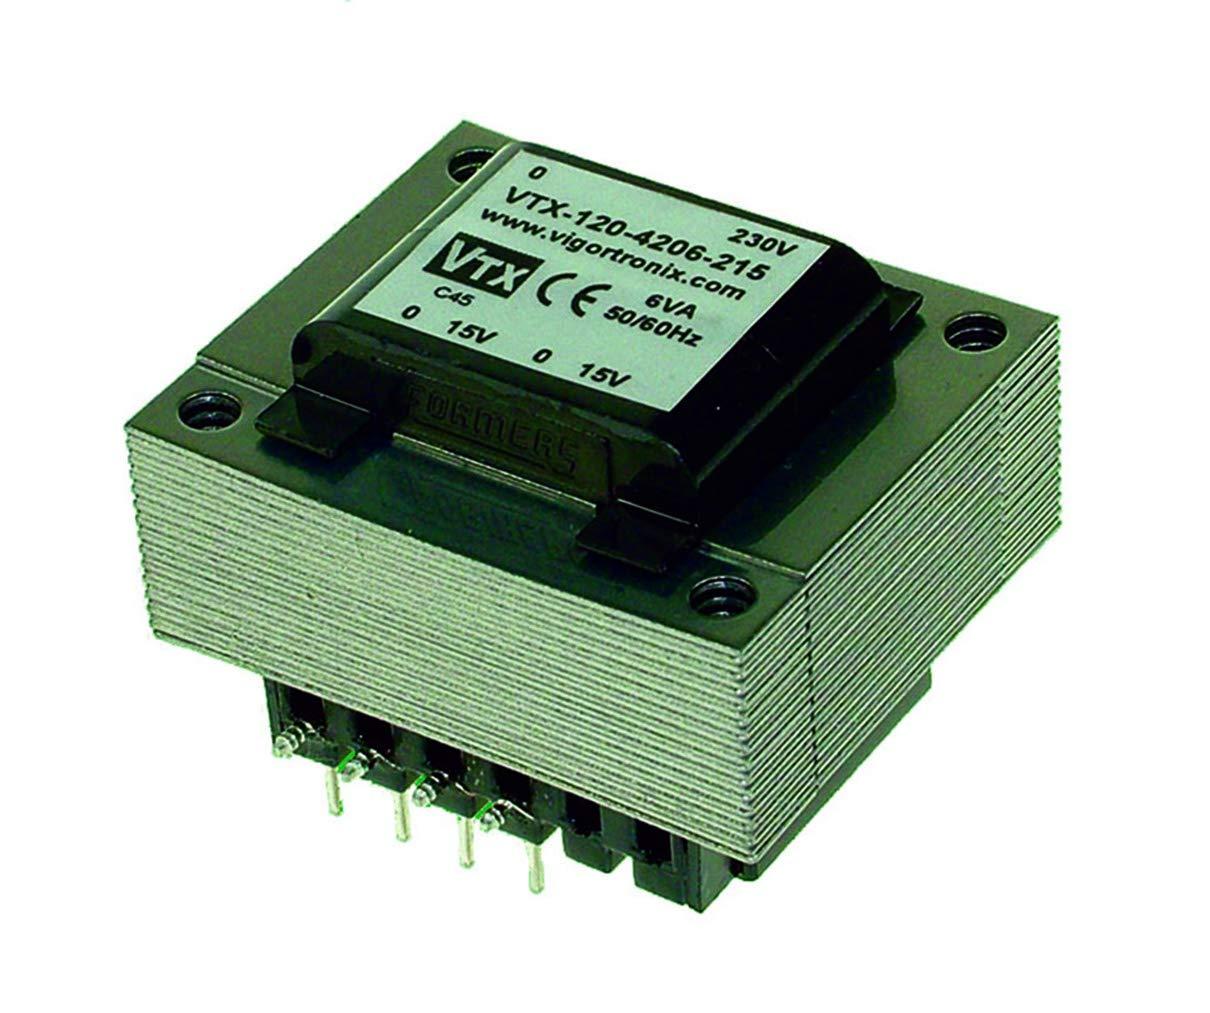 Transformador de corriente PCB encapsulado de 6 VA, 0-230 V, 2 x 24 V